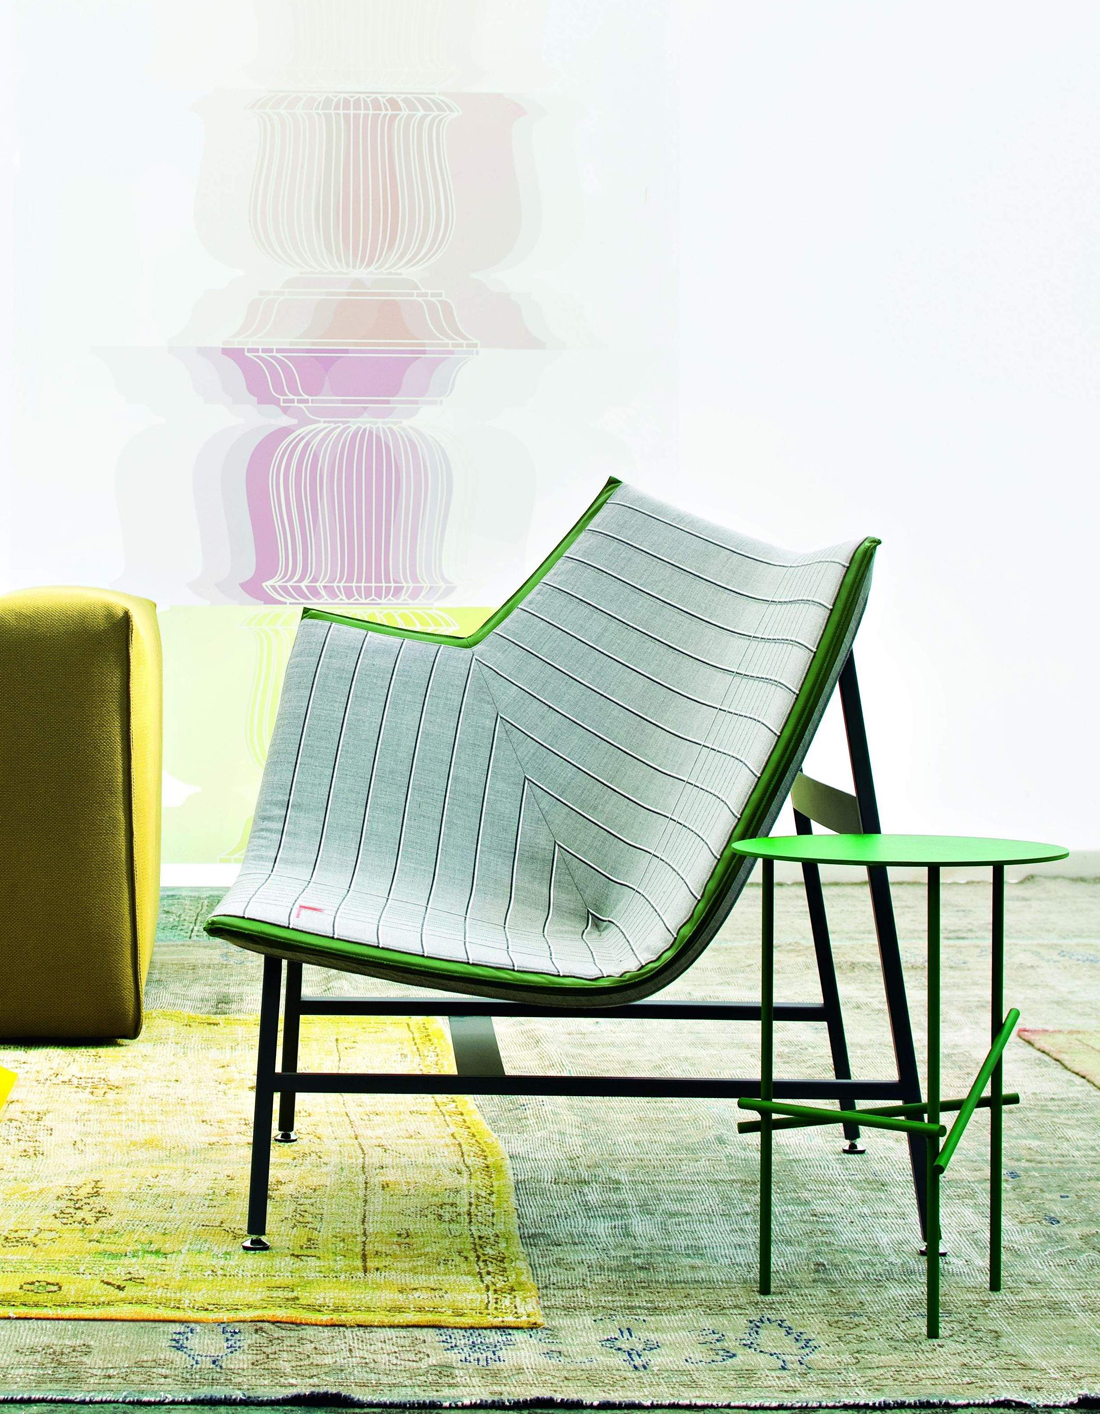 ניפה דושי וג'ונתן לויאן, דושי לויאן, טולמנ'ס, עיצוב רהיטים, doshi levien, studio in2, tollman's